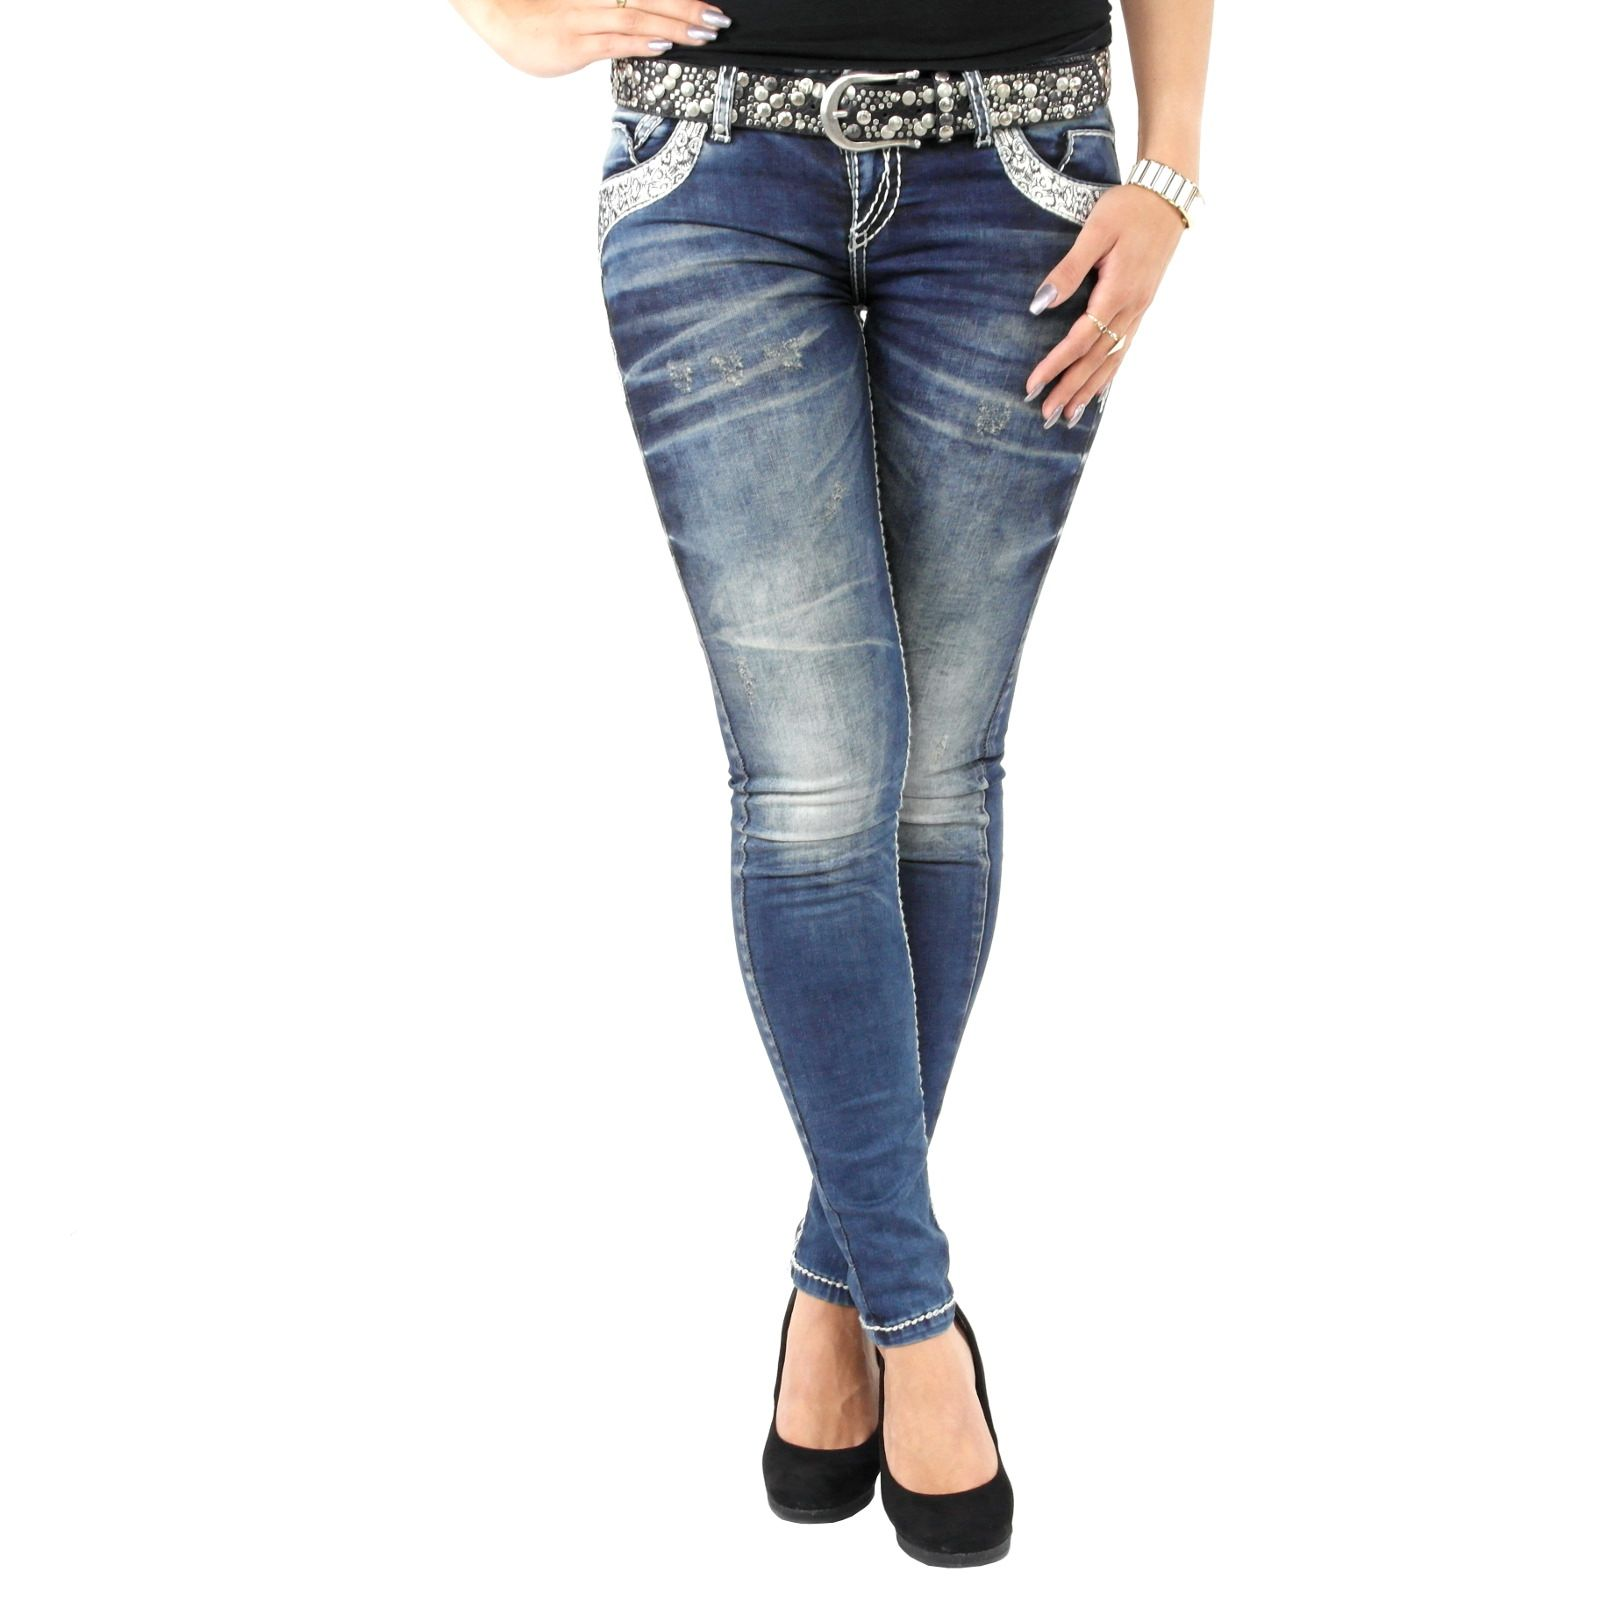 Stylefabrik Fashion stylische Damenjeans der Marke Cipo   Baxx in blau Slim  Fit mit weißen Kontrastnähten 5a26660933